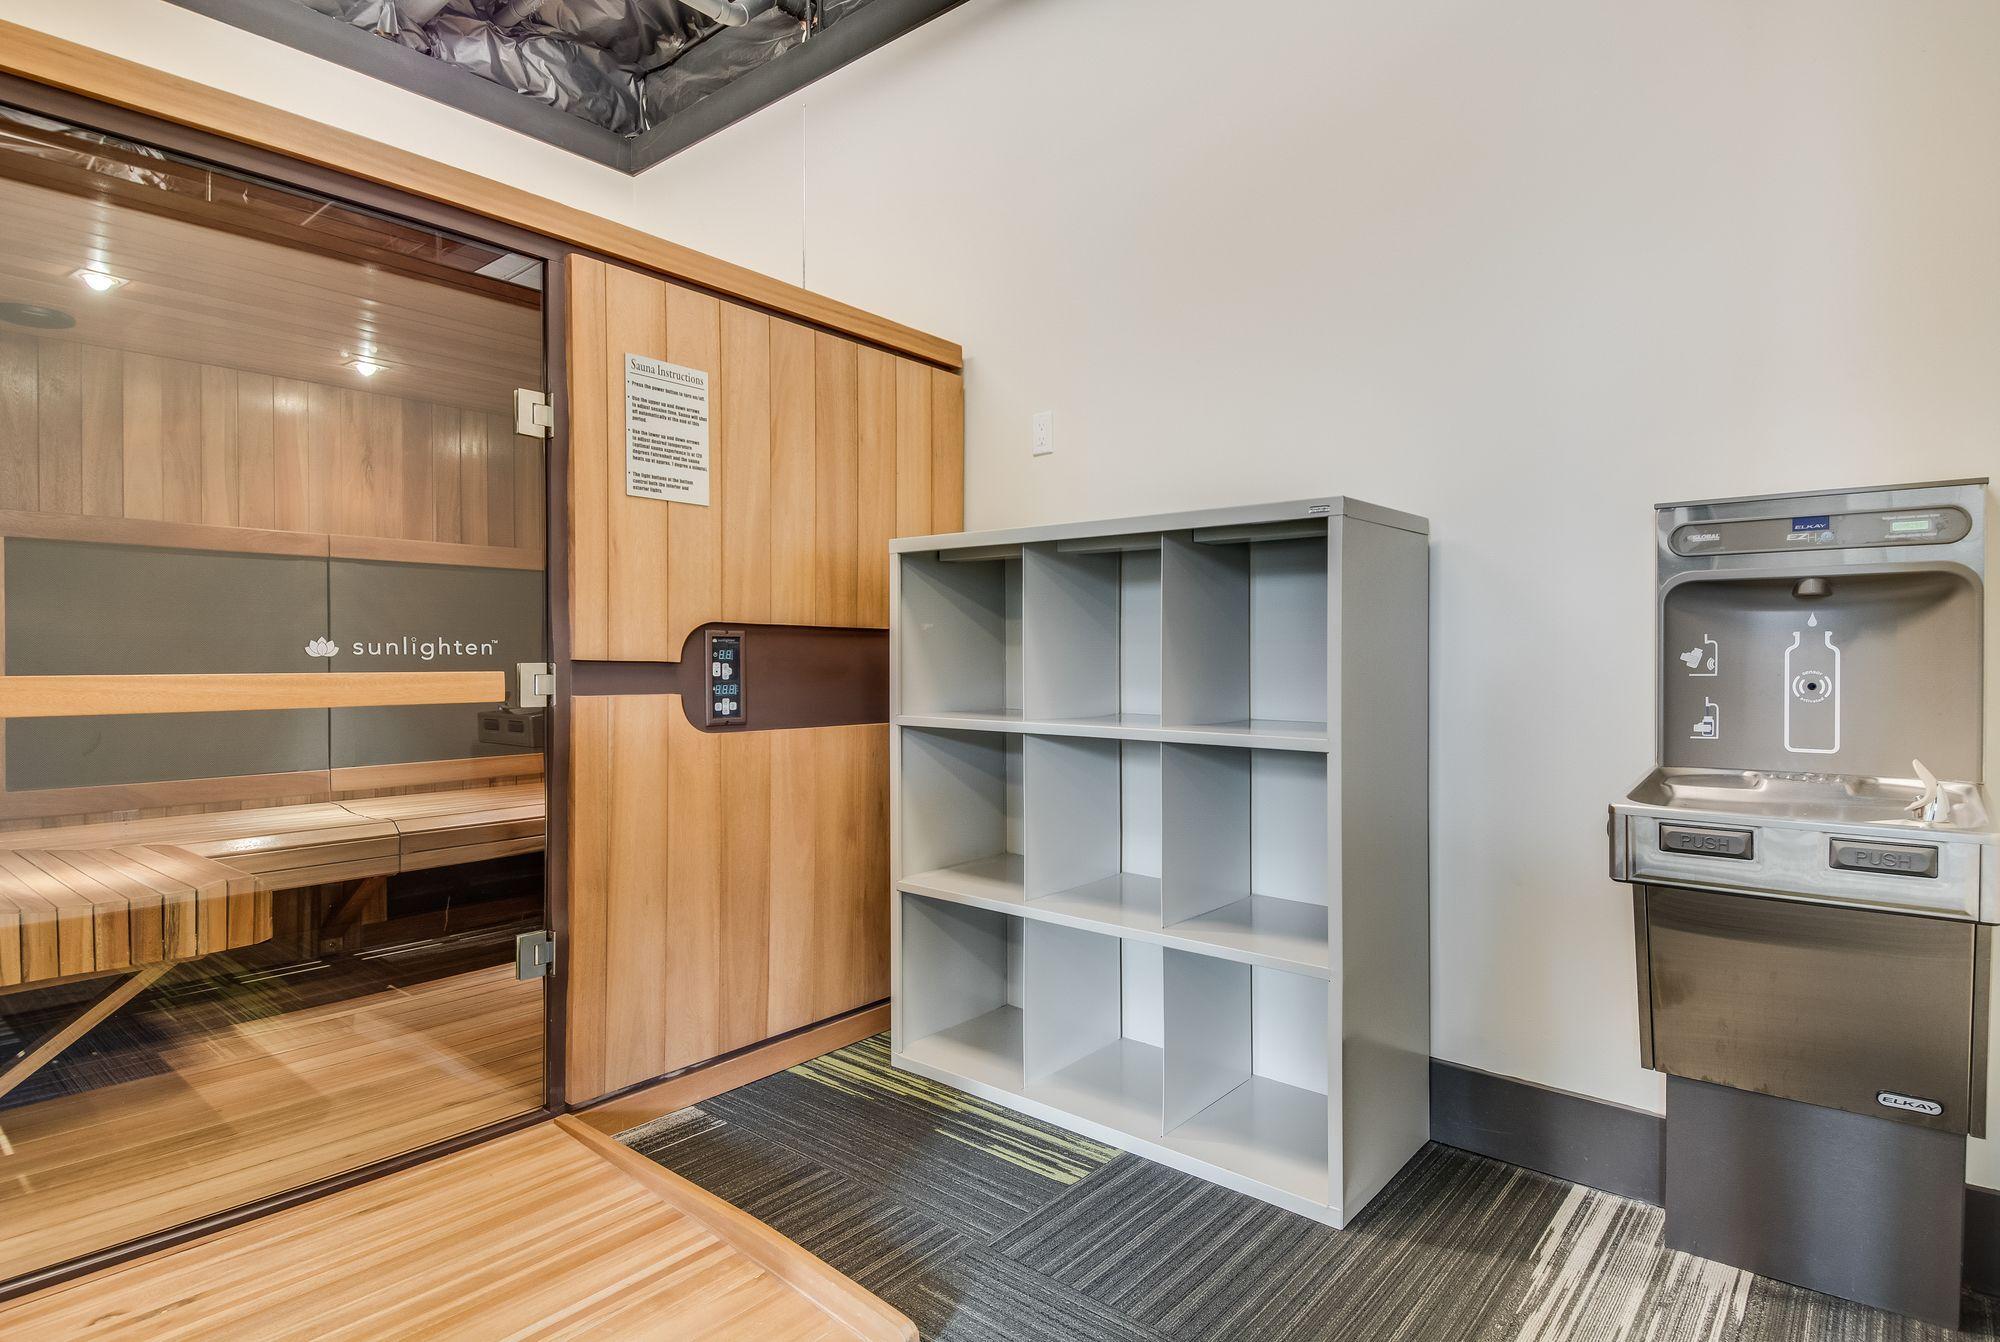 Tera Apartments - Kirkland, WA Apartments for rent on Rentals In Kirkland Wa id=61595